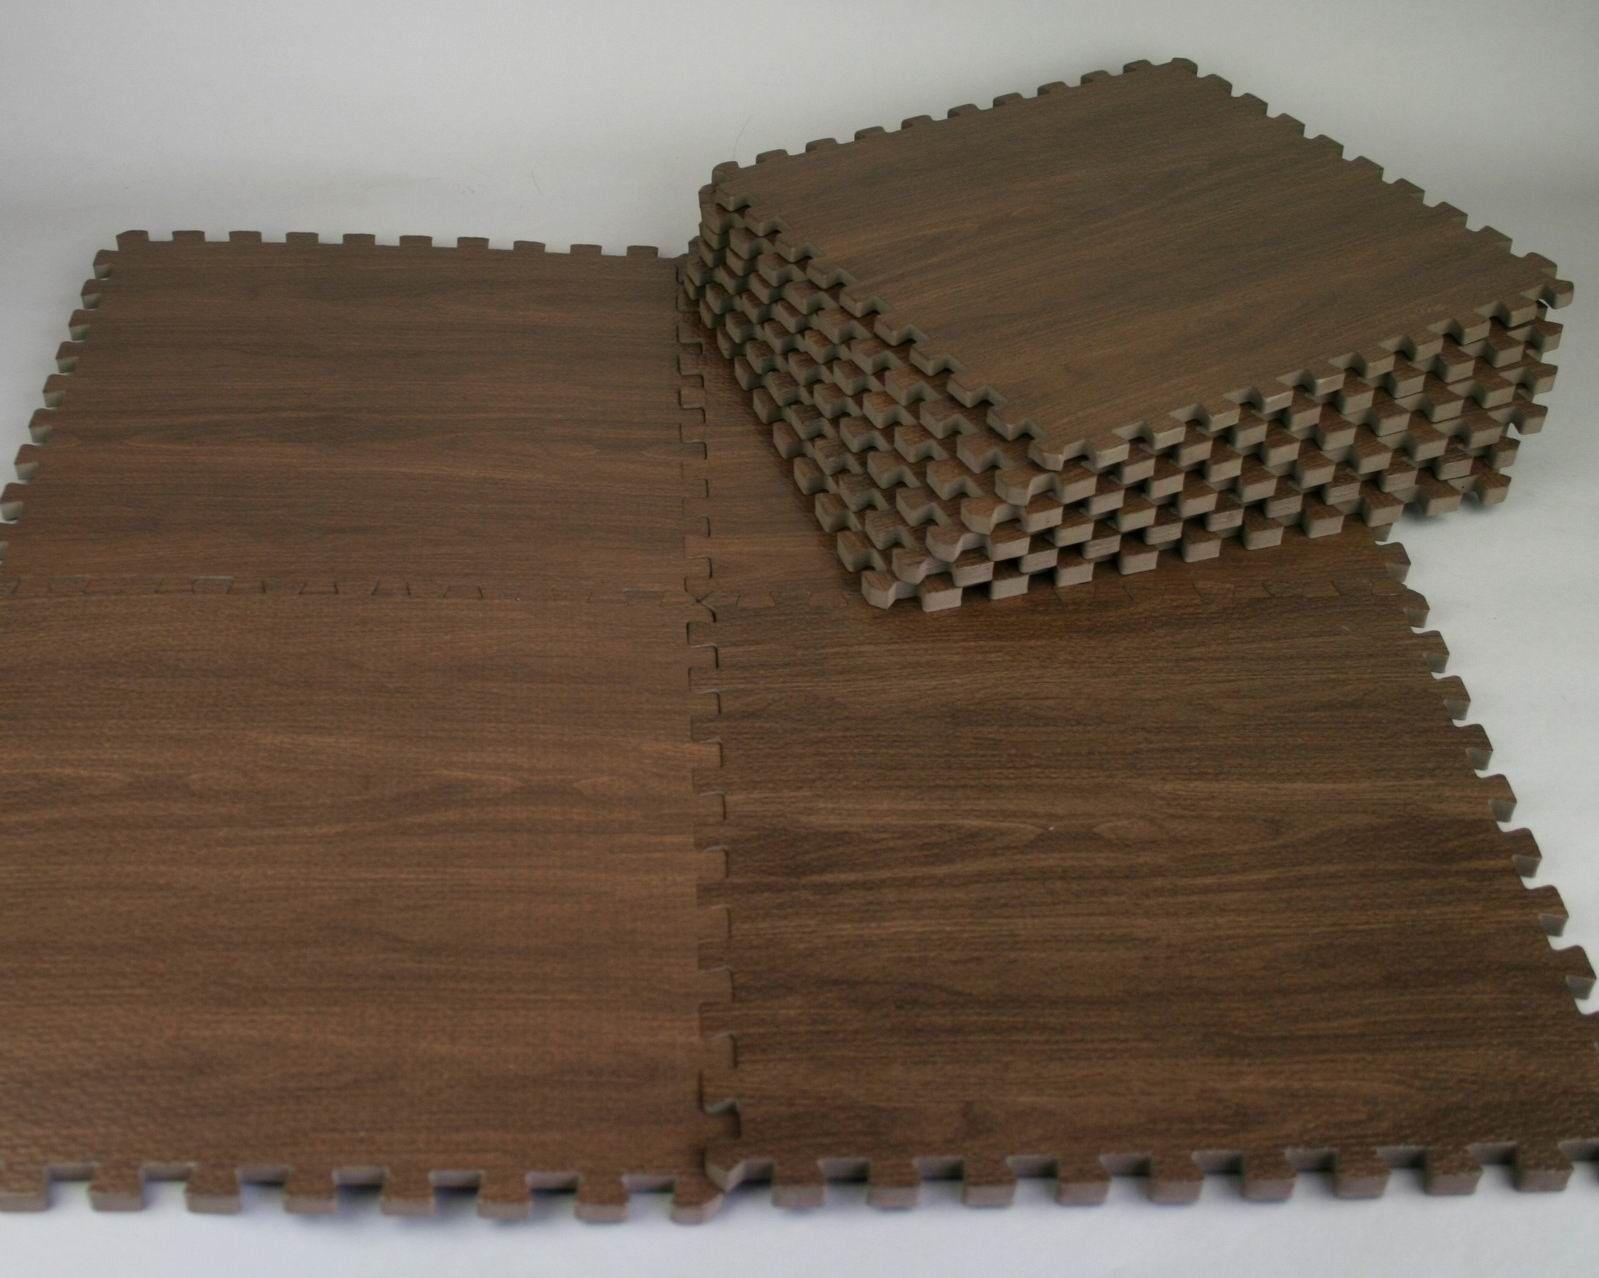 garage mats jsp hei sharpen details product floor best foam anti prod wid step black d fatigue spin mat op